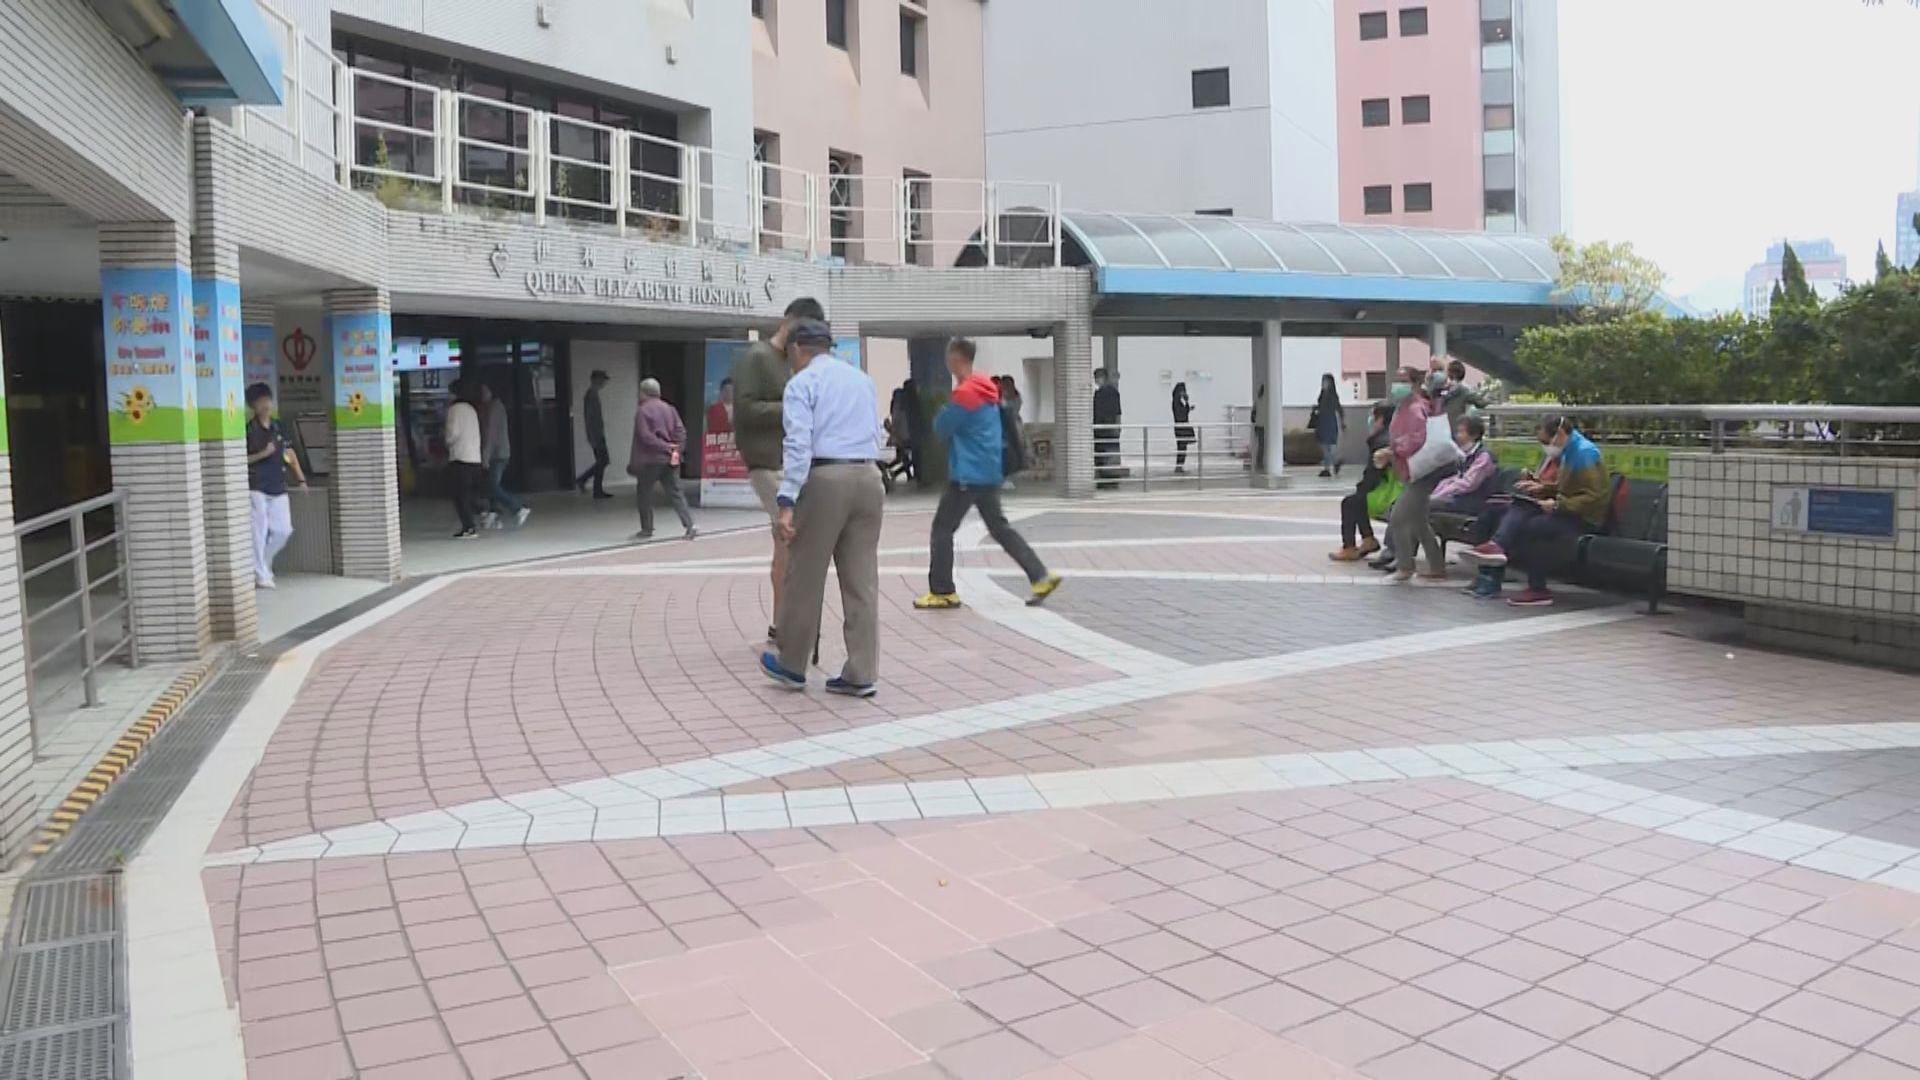 伊利沙伯醫院有職員指在病房聞到催淚煙氣味